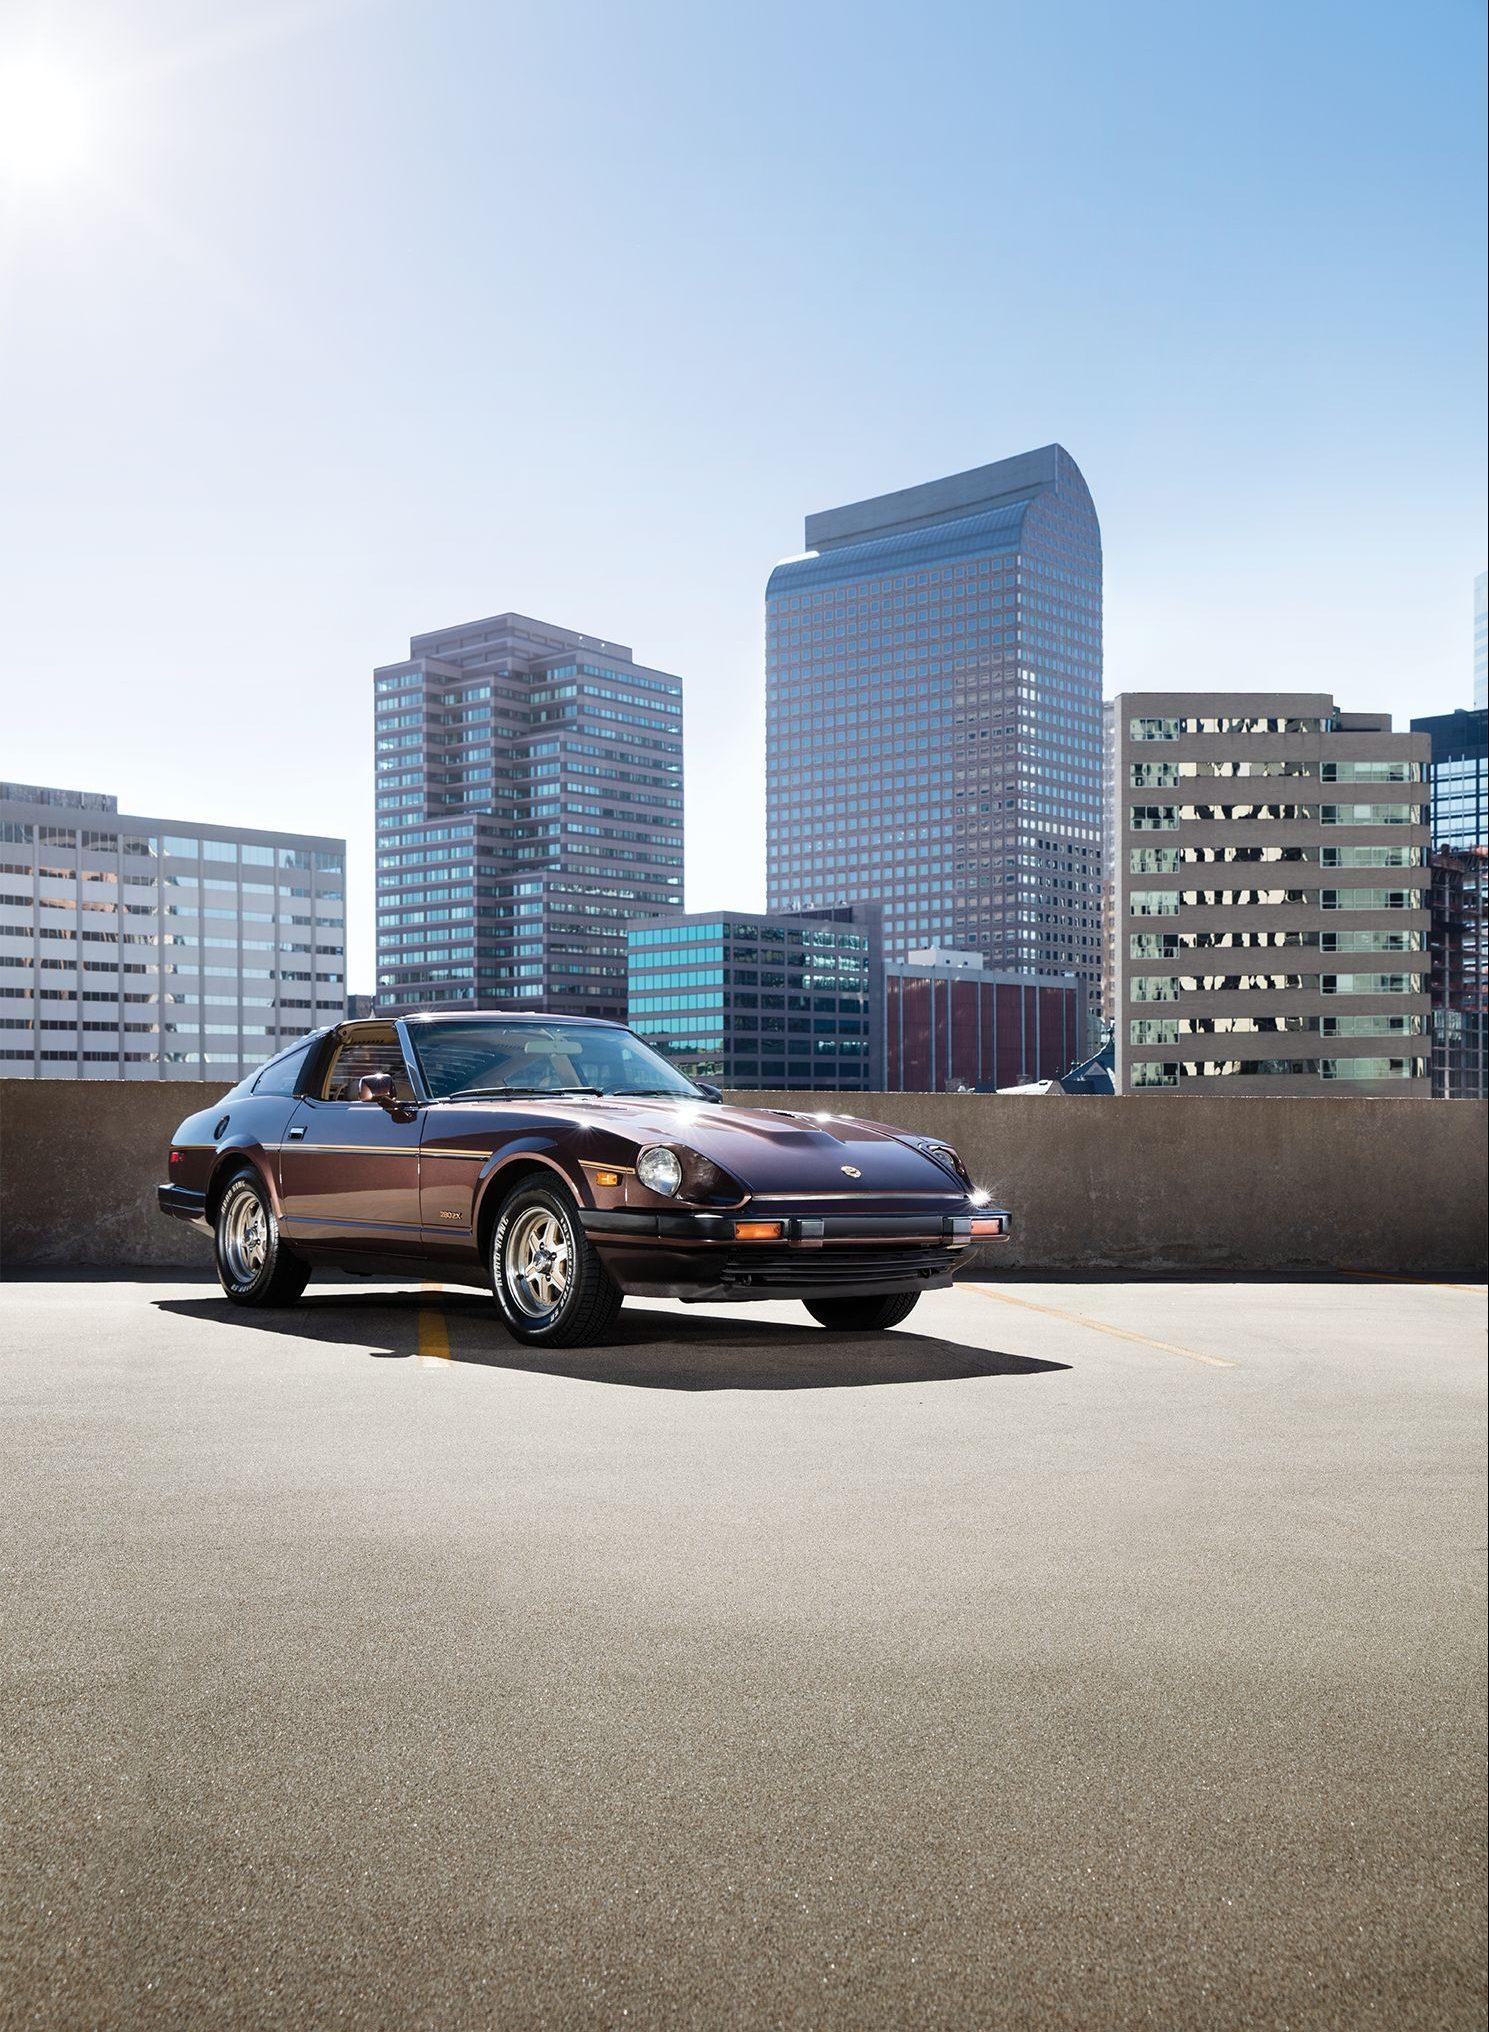 Datsun 240z front three-quarter vertical